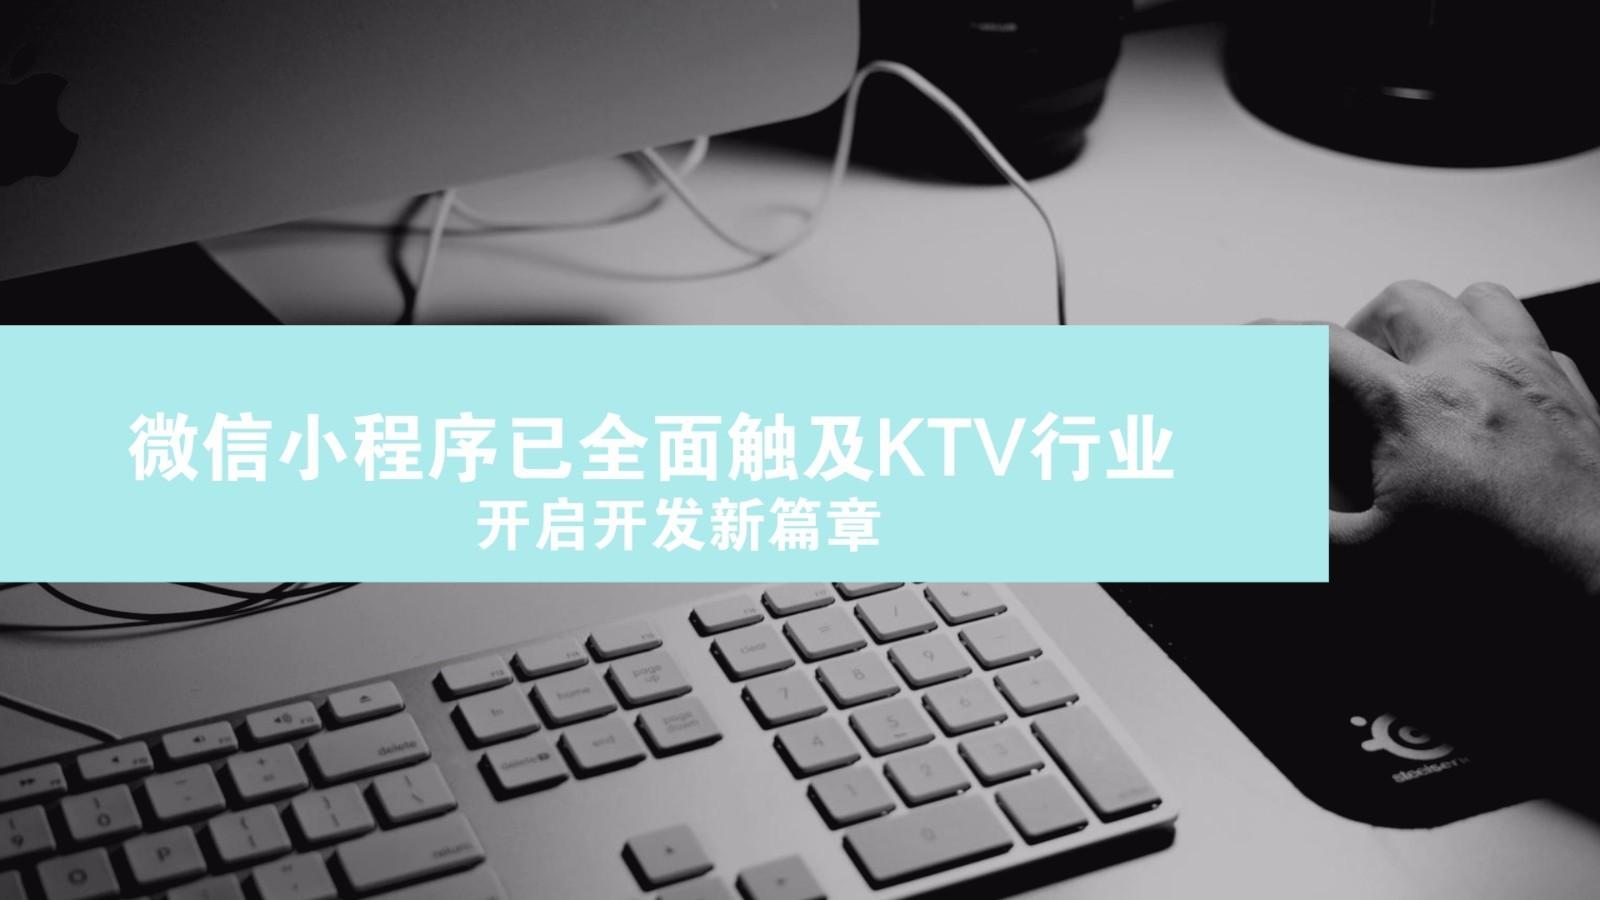 亚博-微信小程序已全面触及KTV行业,开启开发新篇章